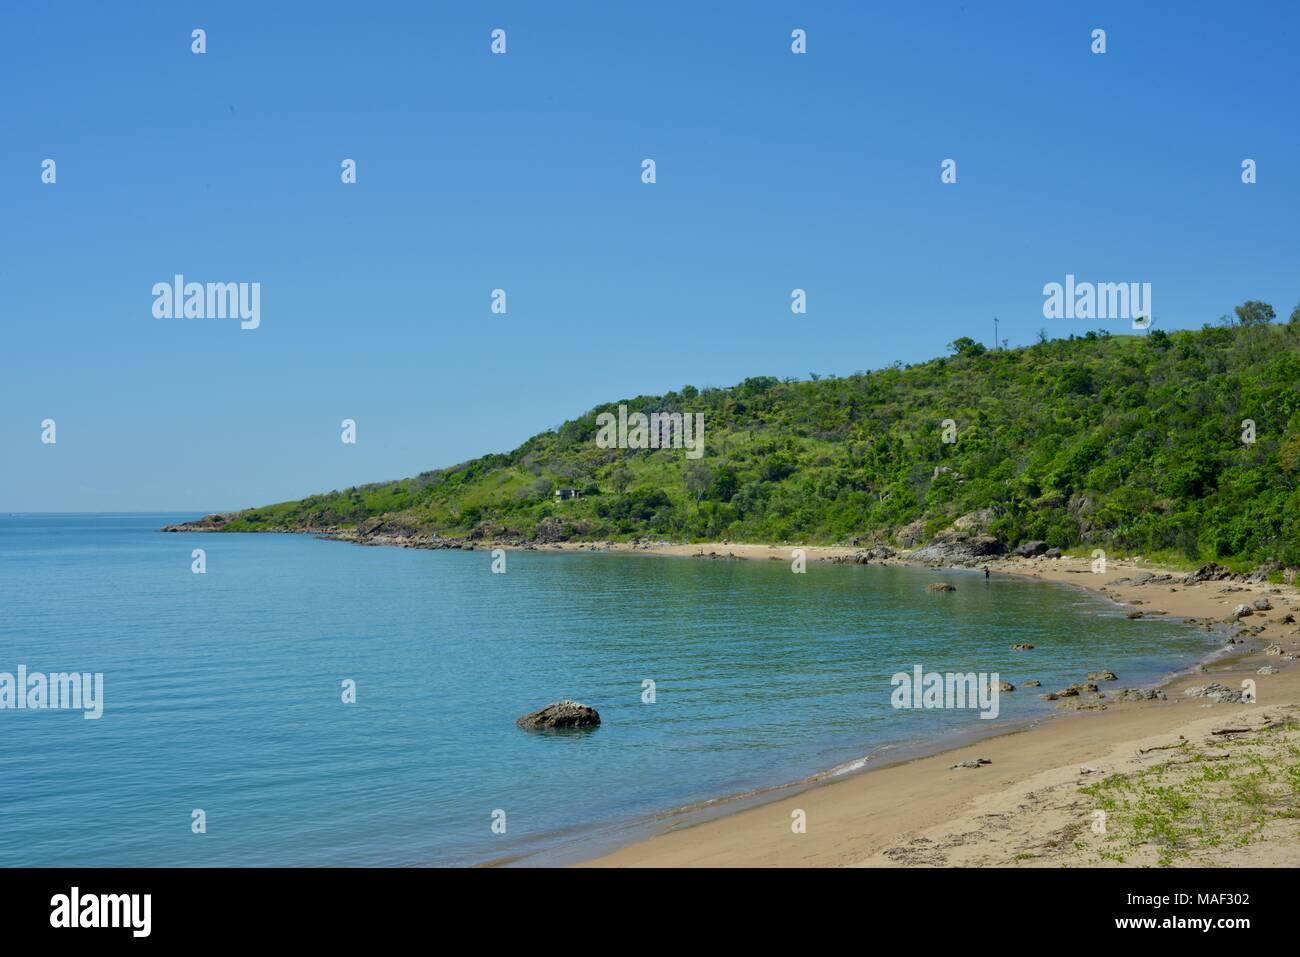 Das Meer und den Strand ohne Menschen mit einem Gefühl der Abgeschiedenheit, Shelly Cove Trail am Kap Pallarenda Conservation Park Queensland Australien Stockbild